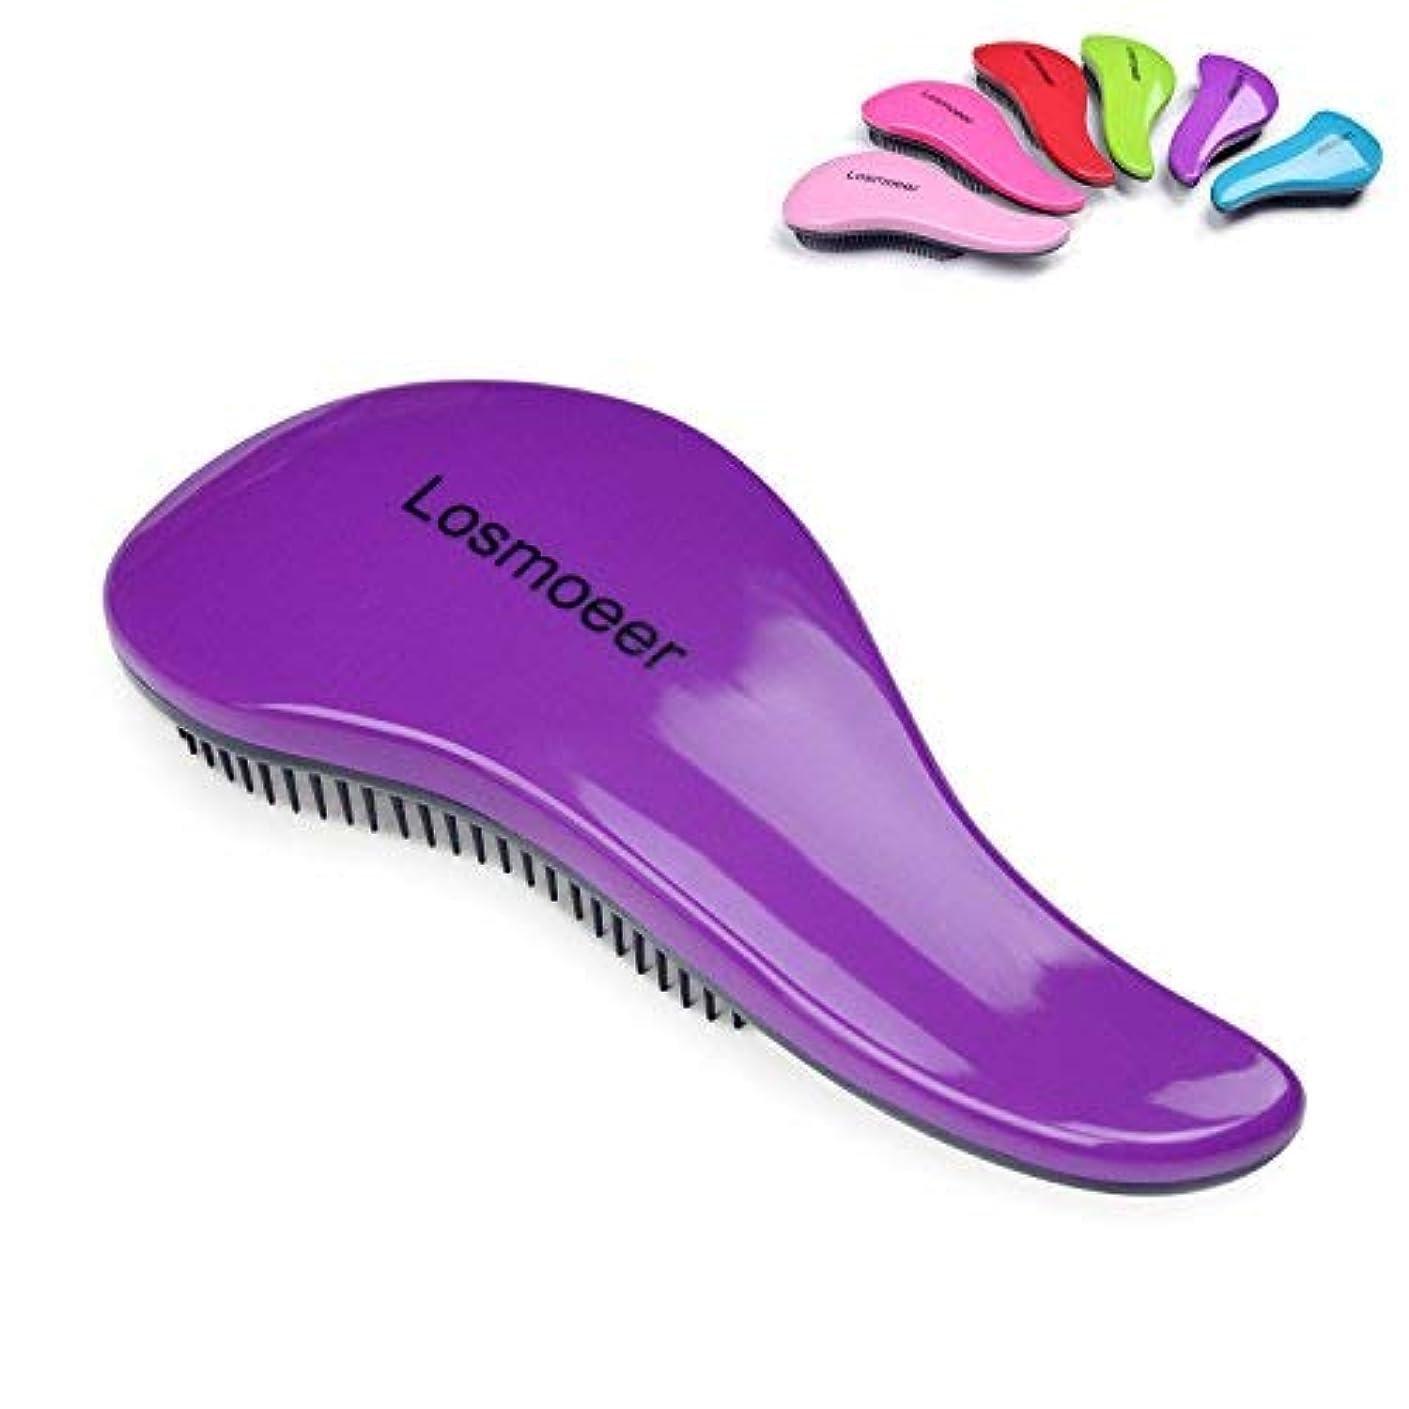 鮮やかなウェーハラジカルLOSMOEER Detangling Hair Brush - Professional Salon Elite Detangle Brush Detangler Hair Comb for Adults and Kids Purple Color [並行輸入品]